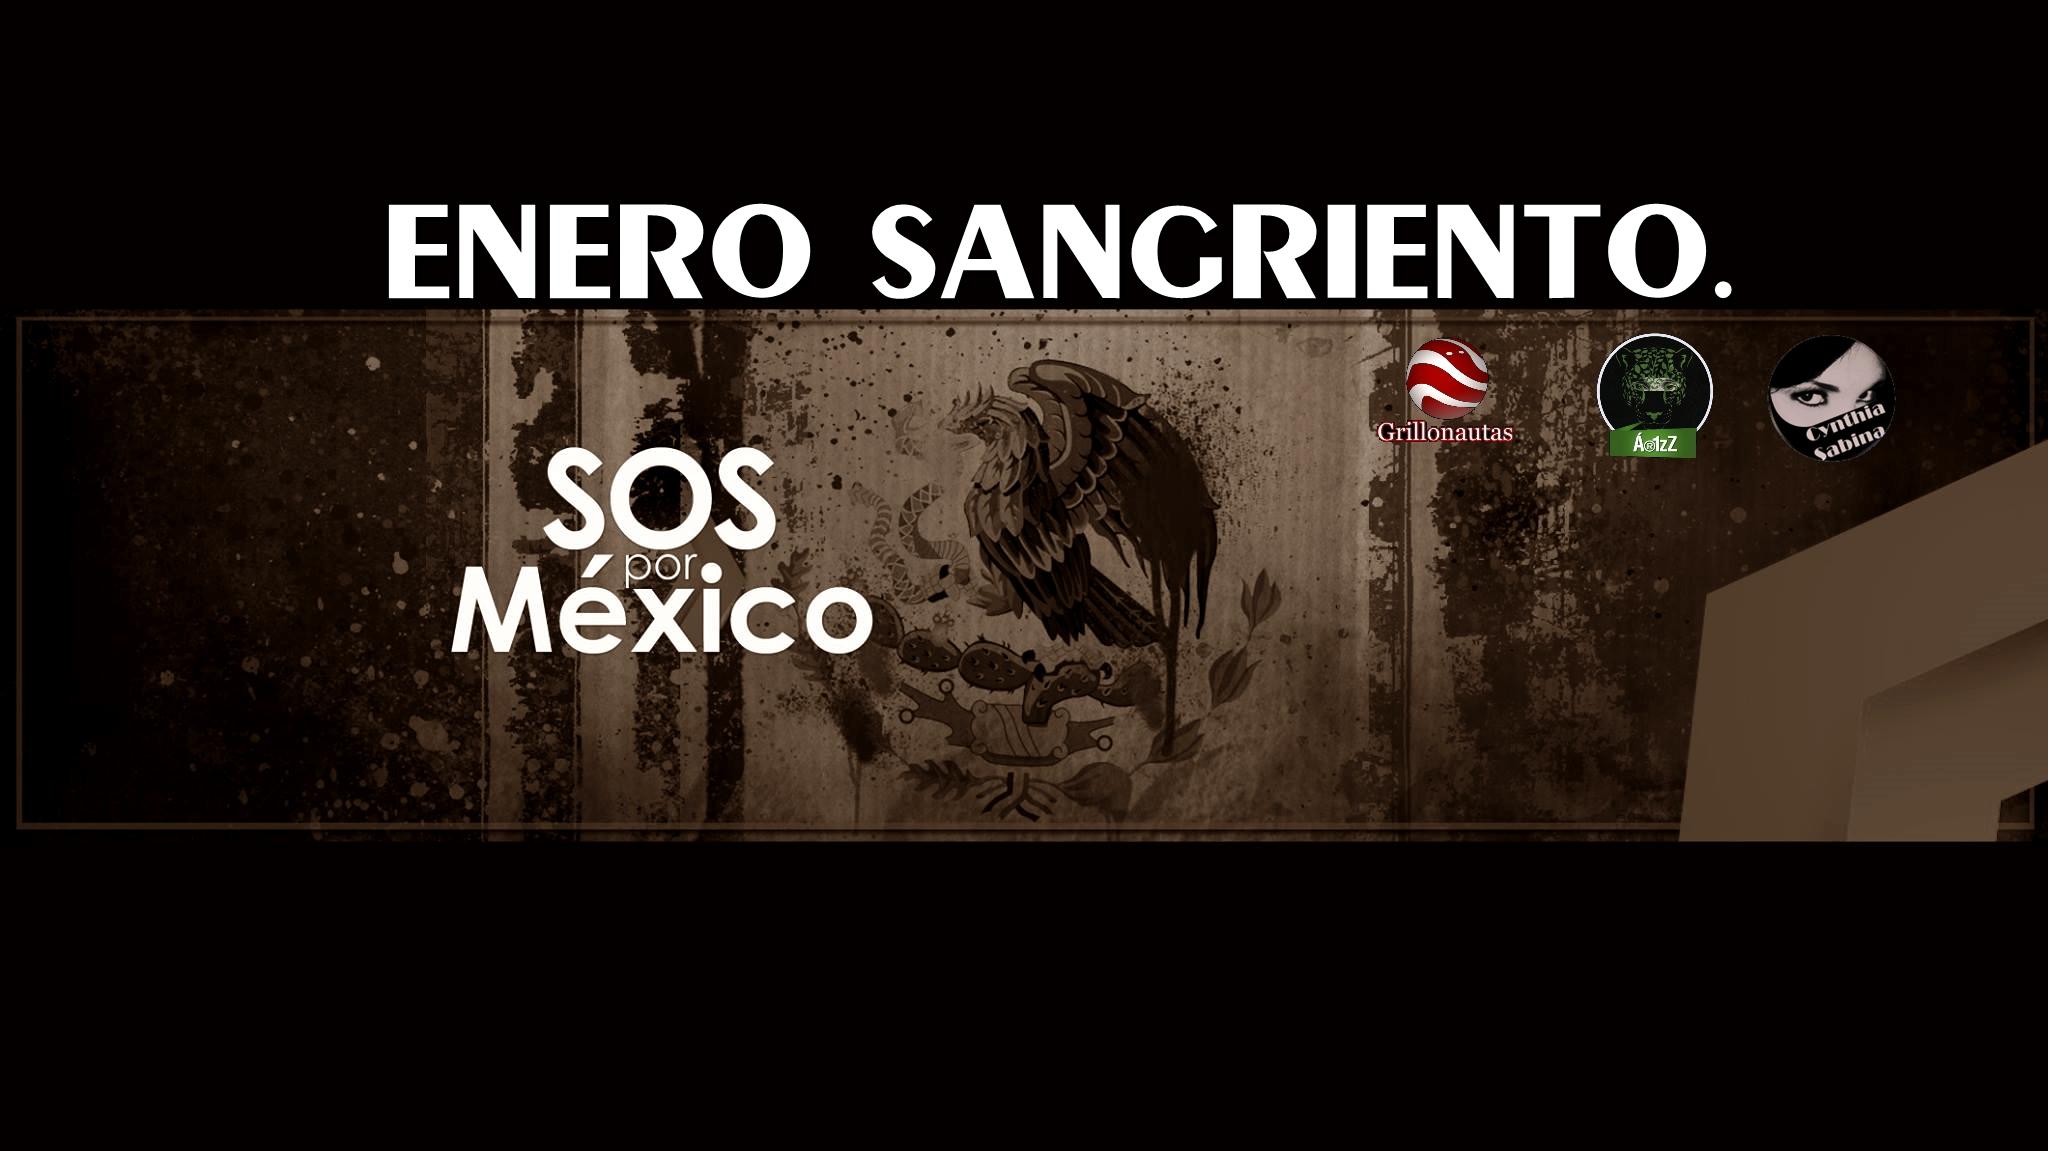 Enero sangriento. Ahora las víctimas, también son niños. #SOSporMéxico.